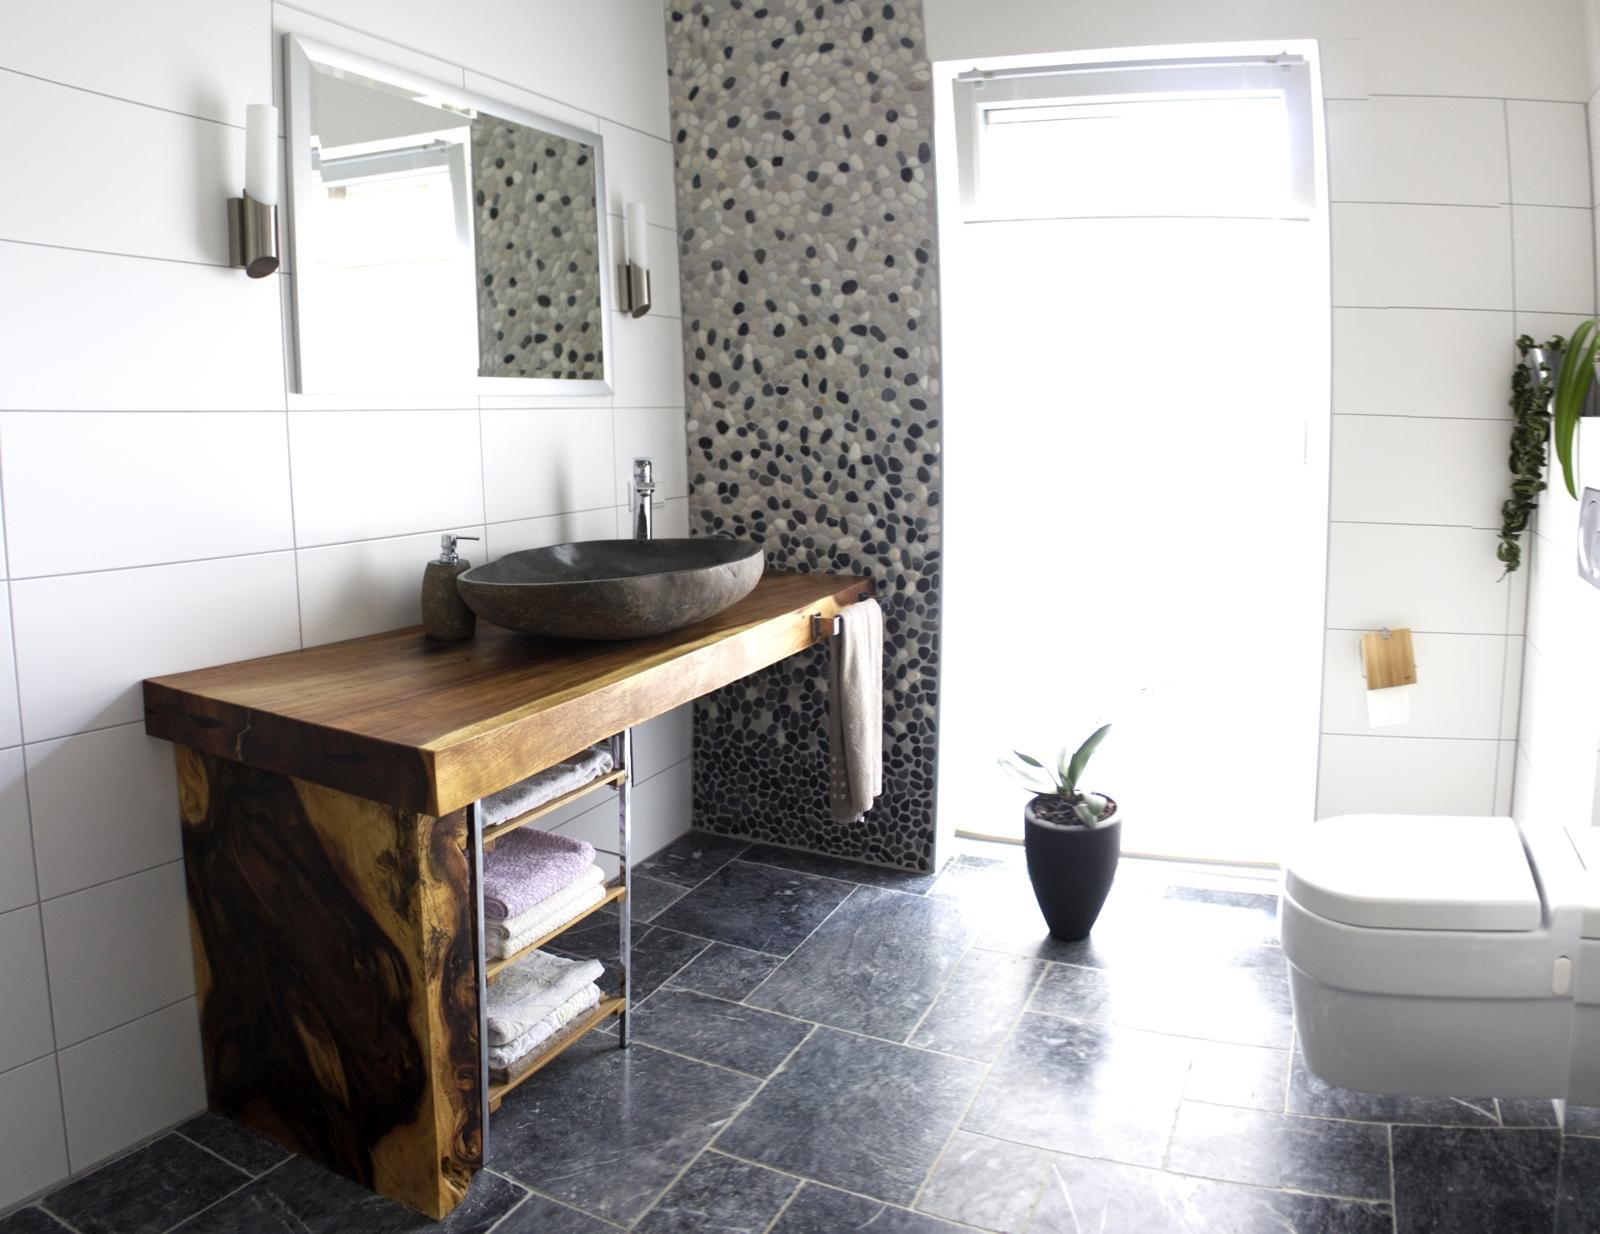 steinwaschbecken mit tisch com forafrica. Black Bedroom Furniture Sets. Home Design Ideas